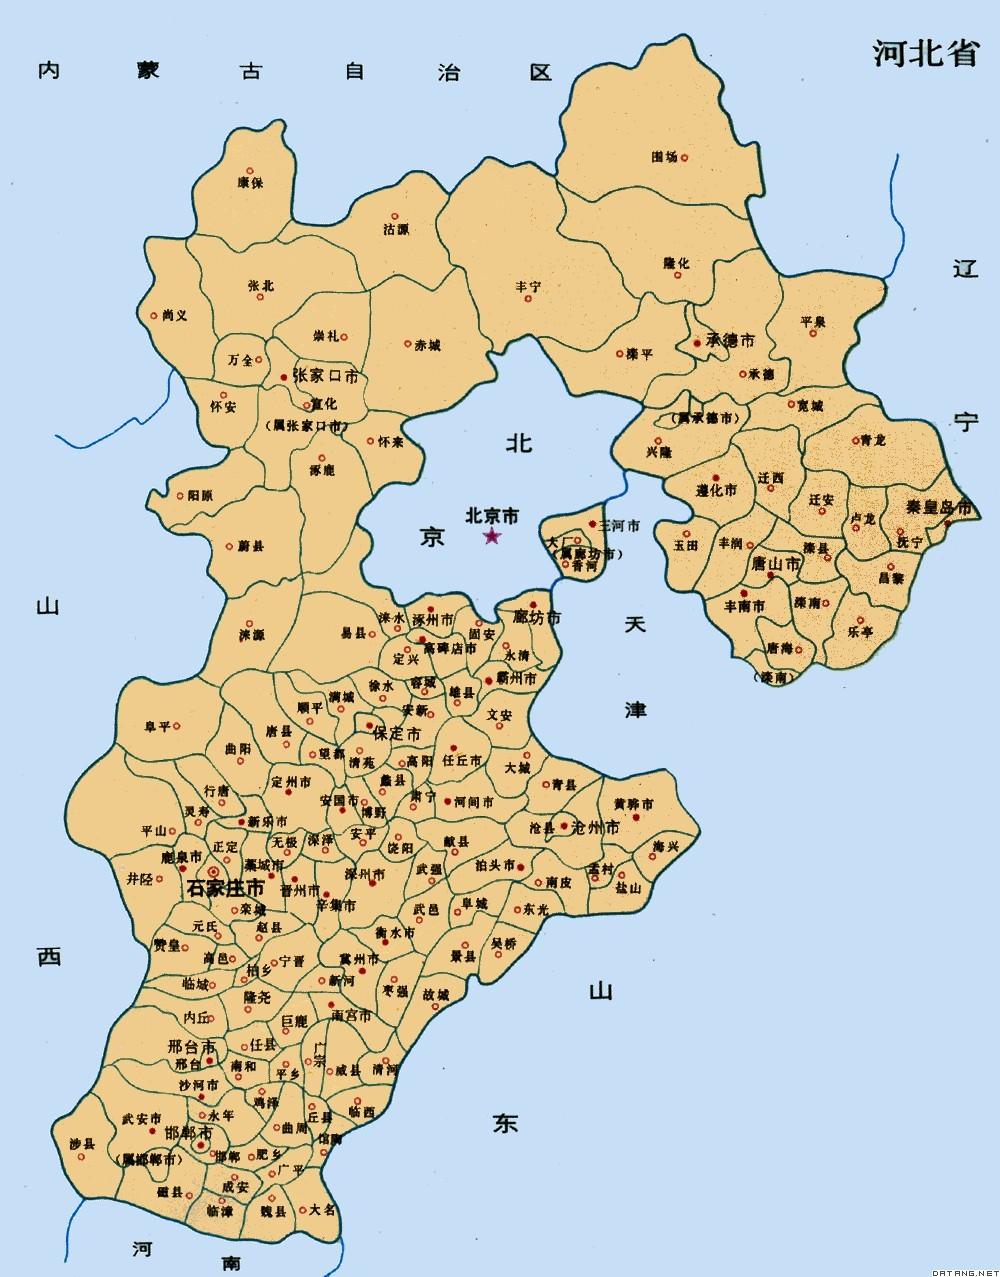 河北省高级人民法院,High People's Court of Hebei Province,音标,读音,翻译,英文例句,英语词典